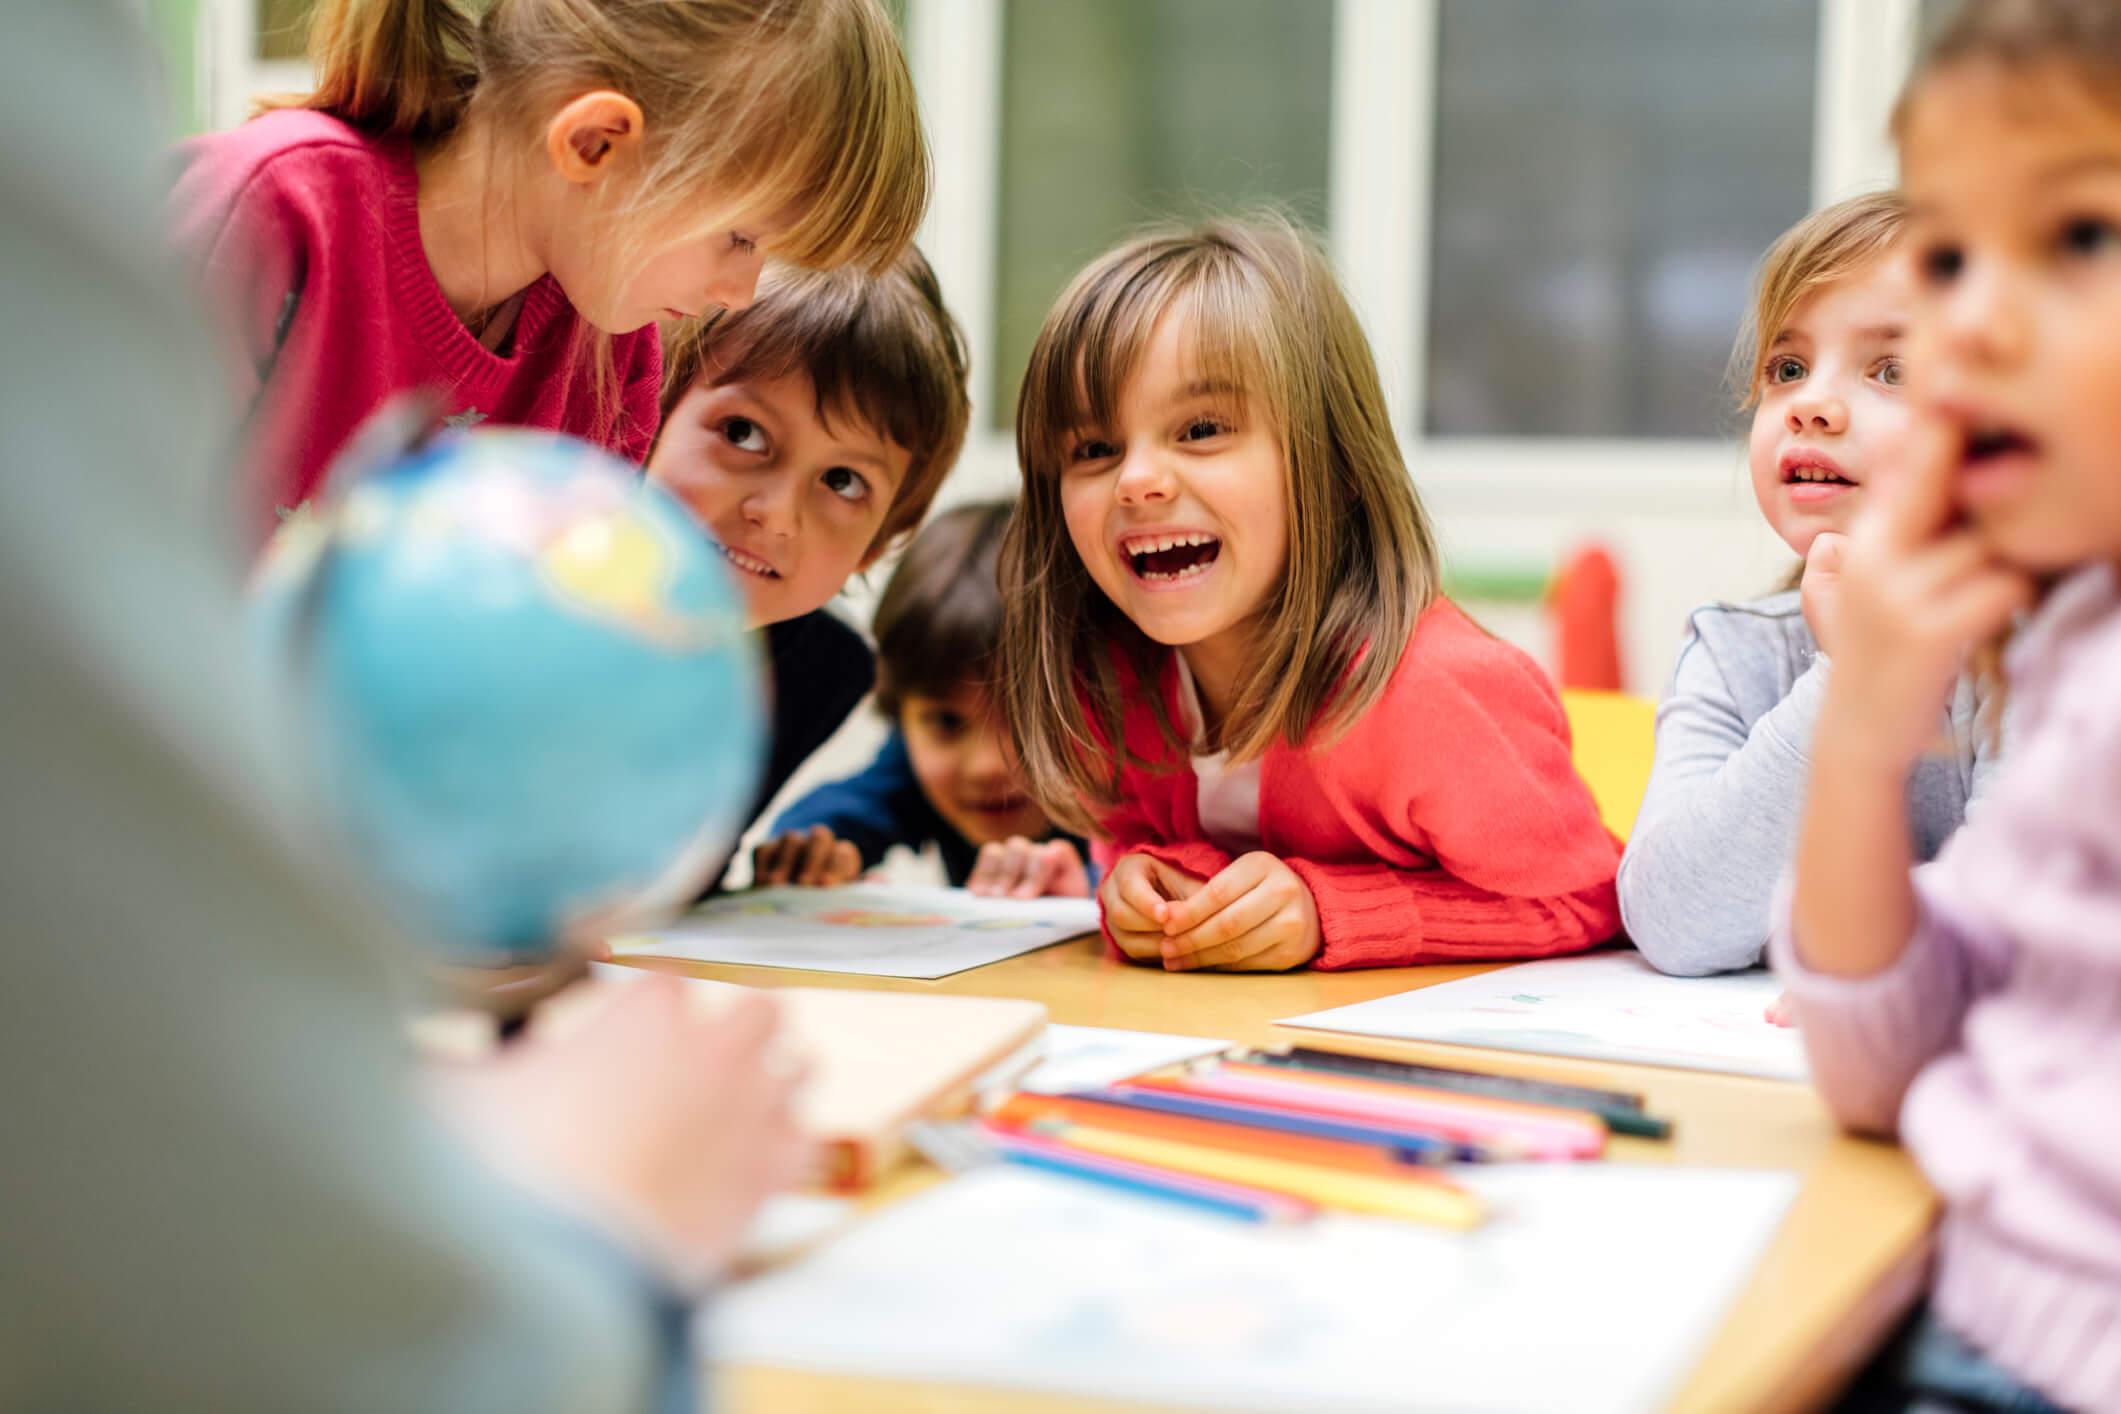 Entenda a importância da boa experiência em sala de aula para os alunos